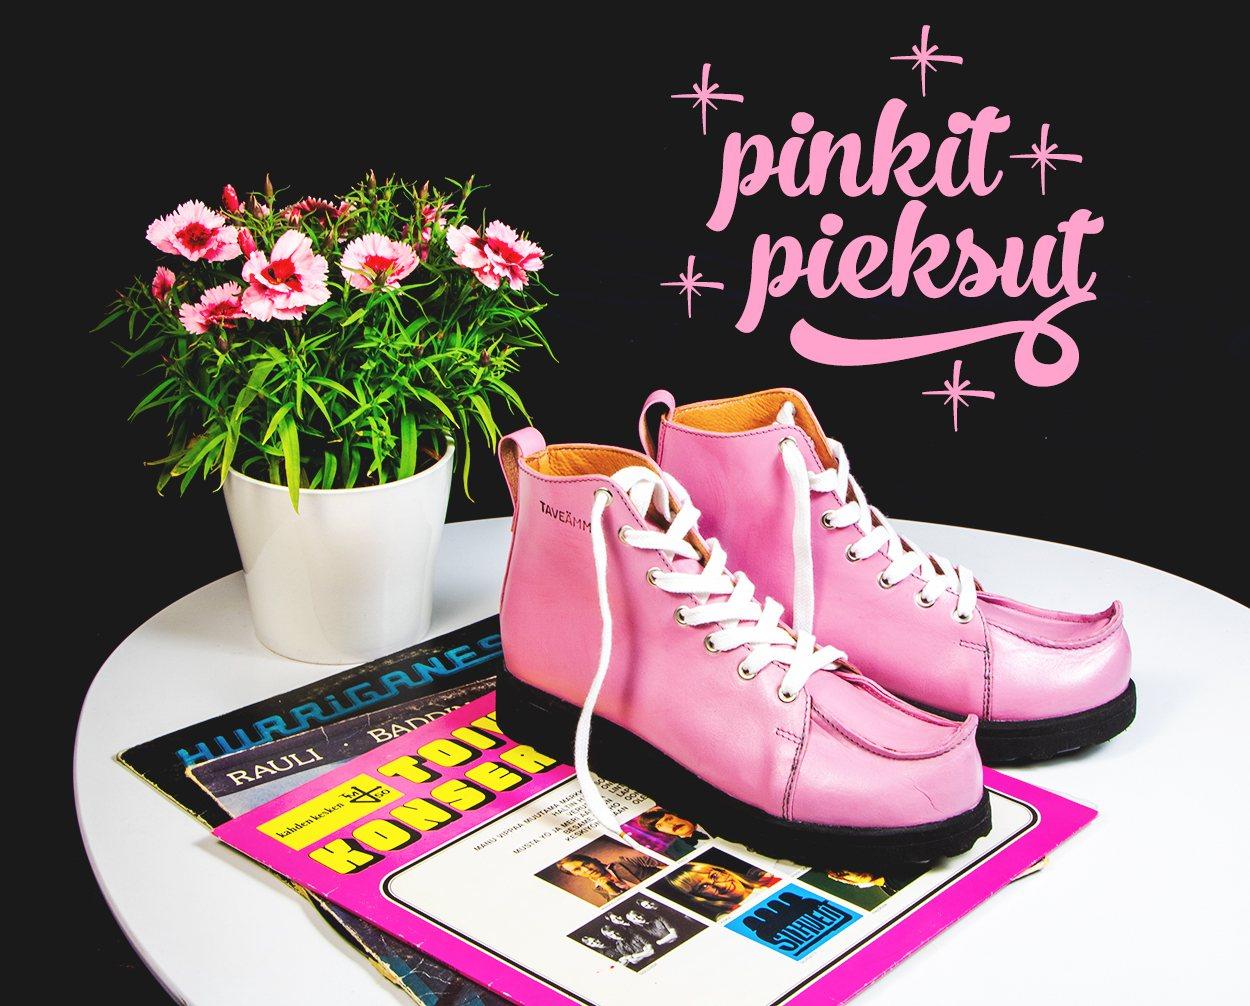 Käsintehdyt kengät pinkit pieksut